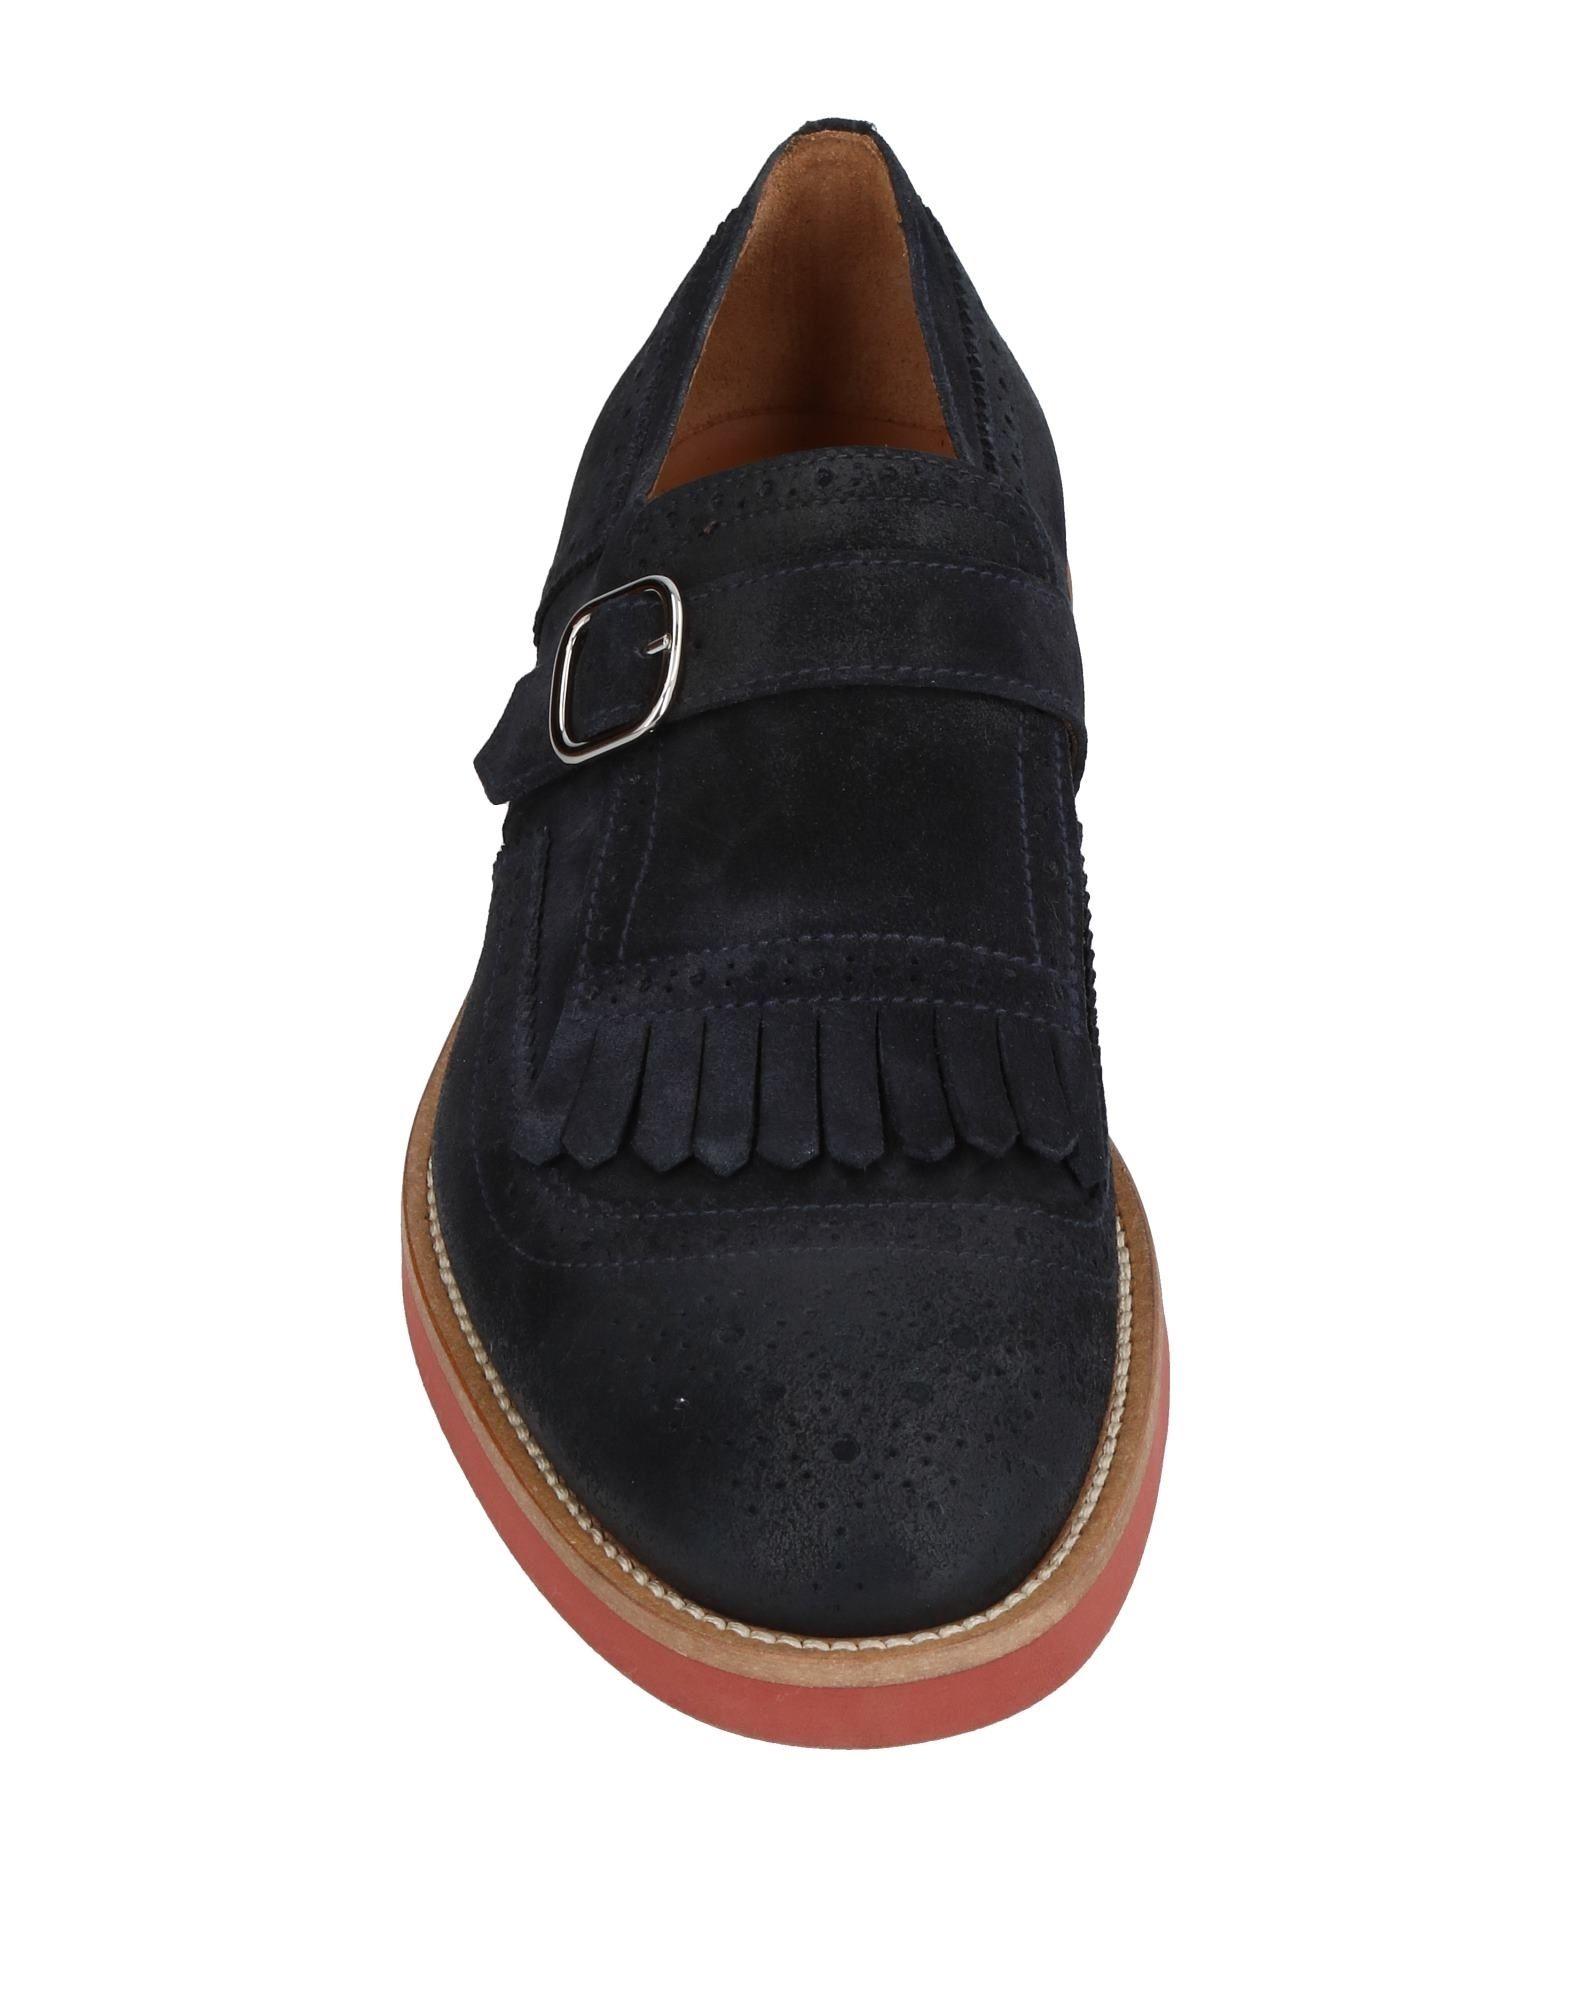 Rabatt echte Mokassins Schuhe Doucal's Mokassins echte Herren  11393212VD b91d1c